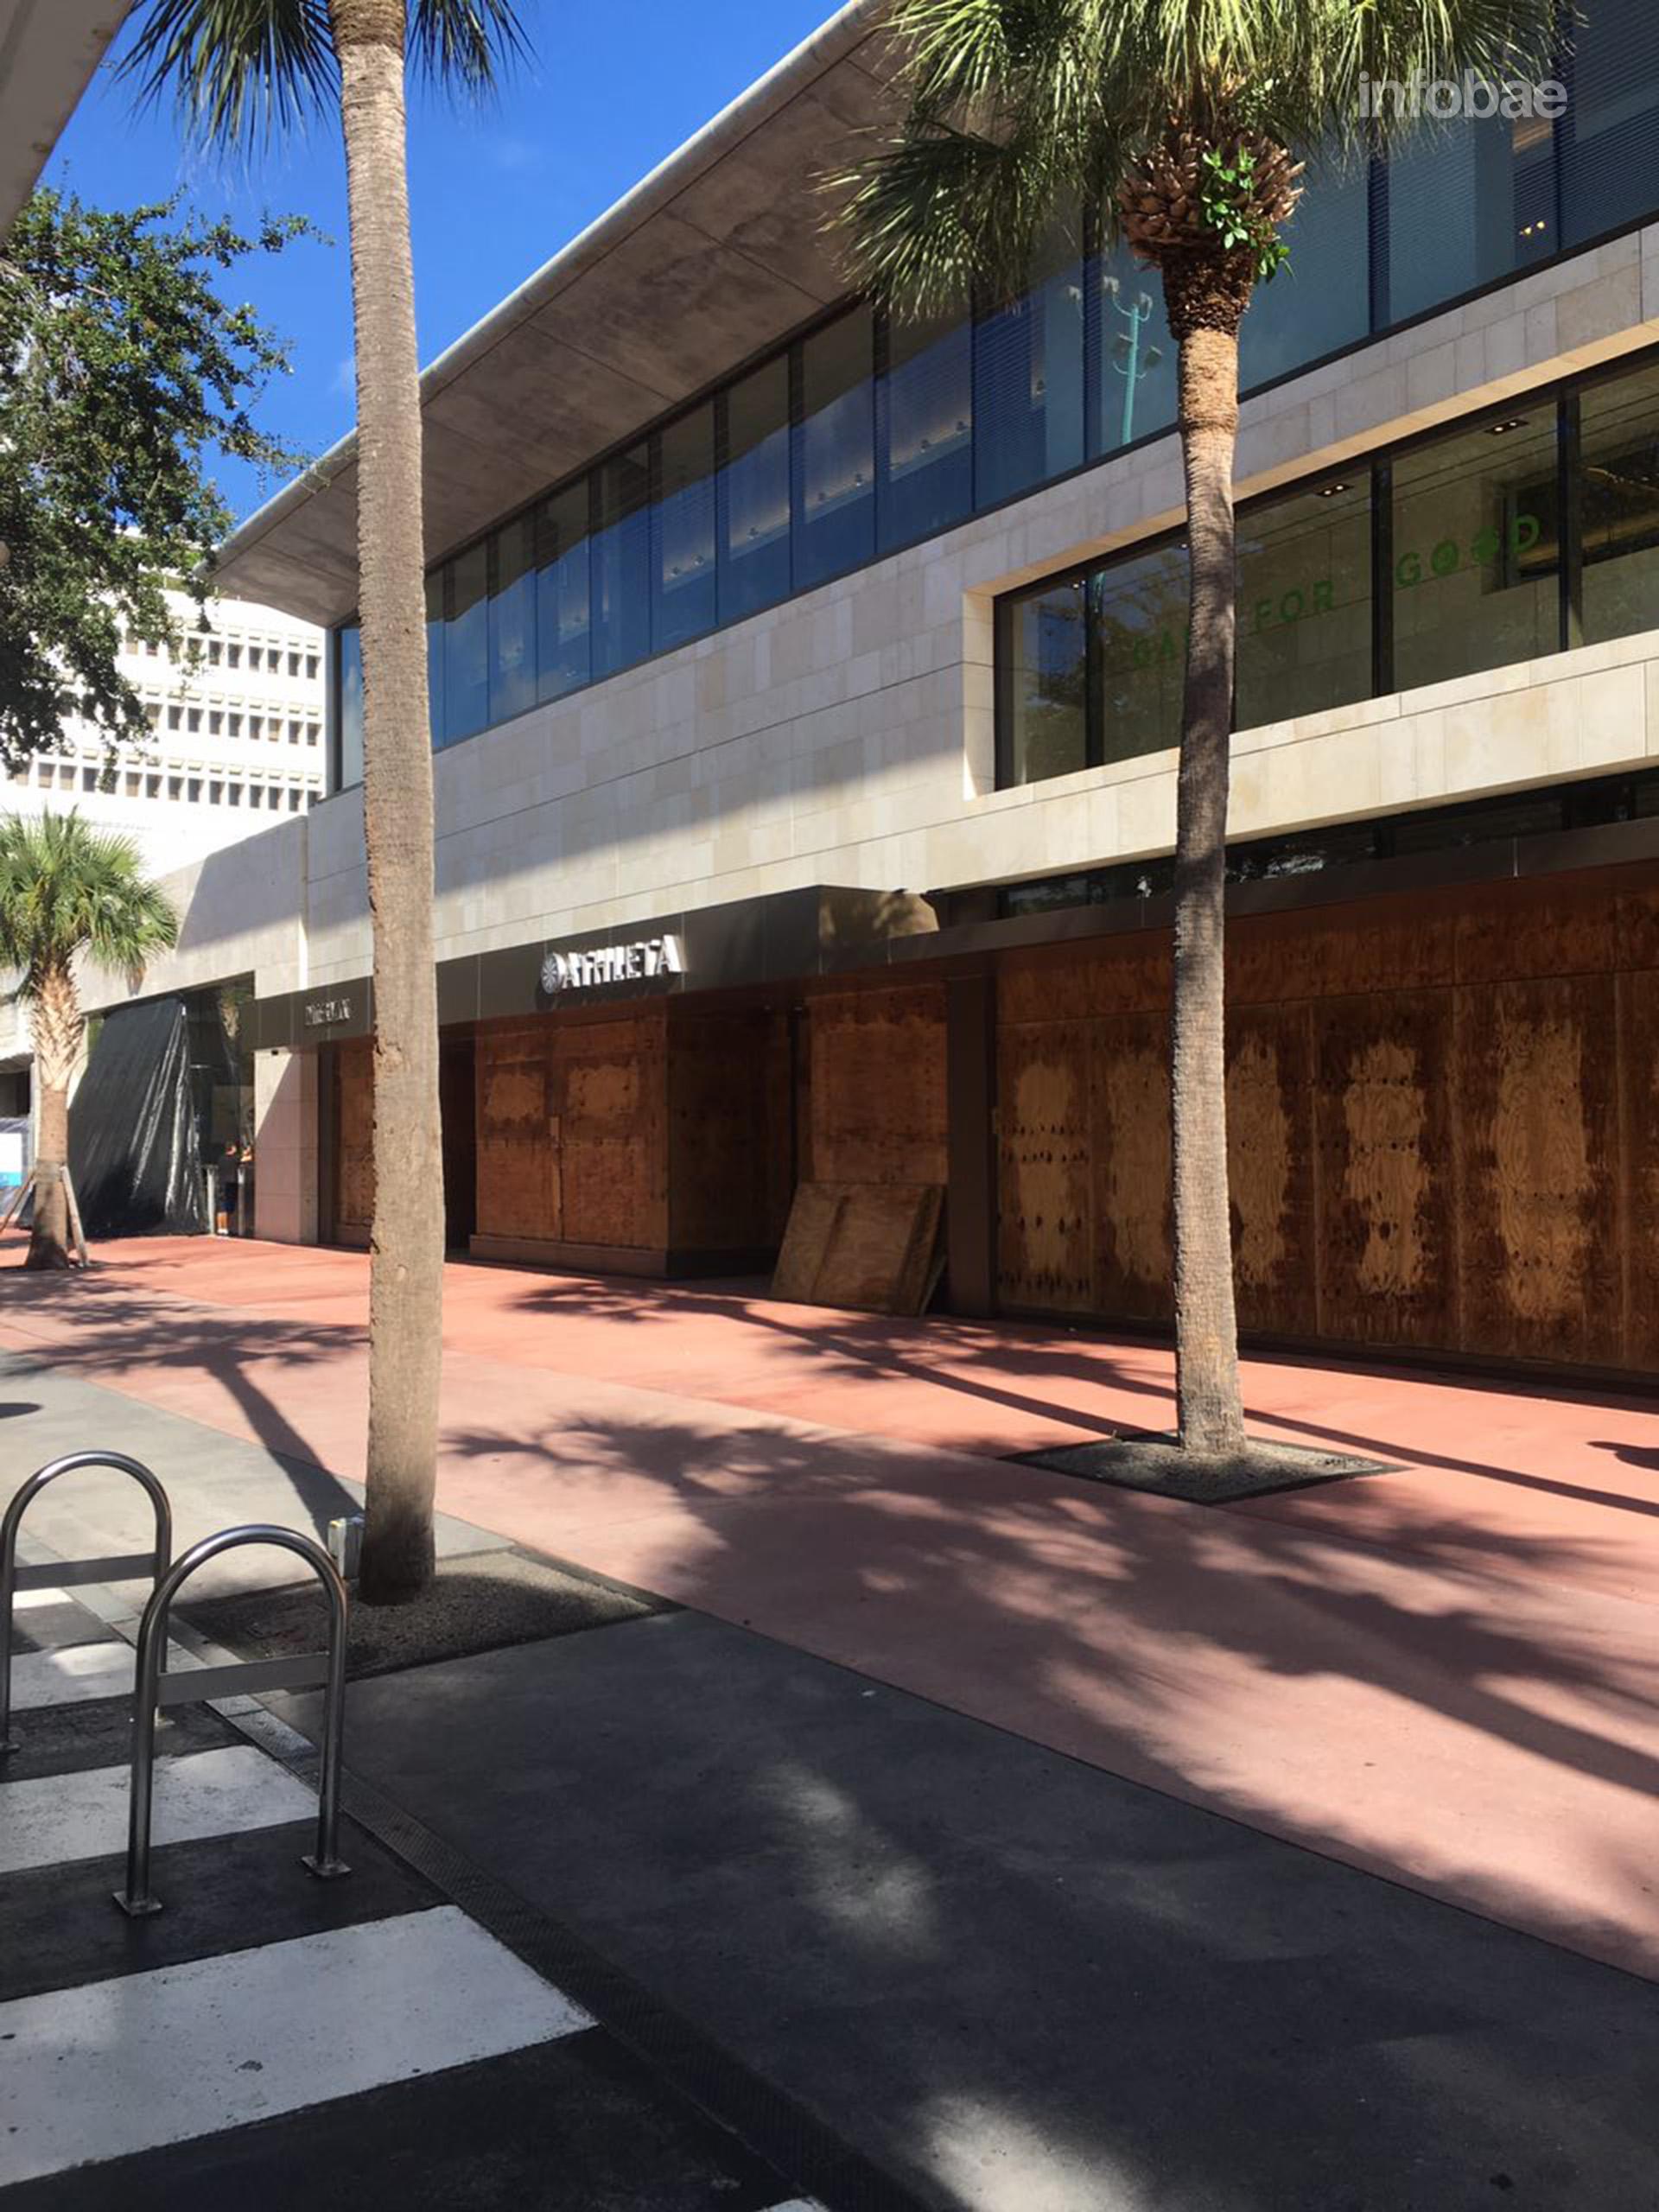 Las empresas colocaron protecciones en puertas y ventanas para evitar que los vientos destruyan sus interiores (Infobae)